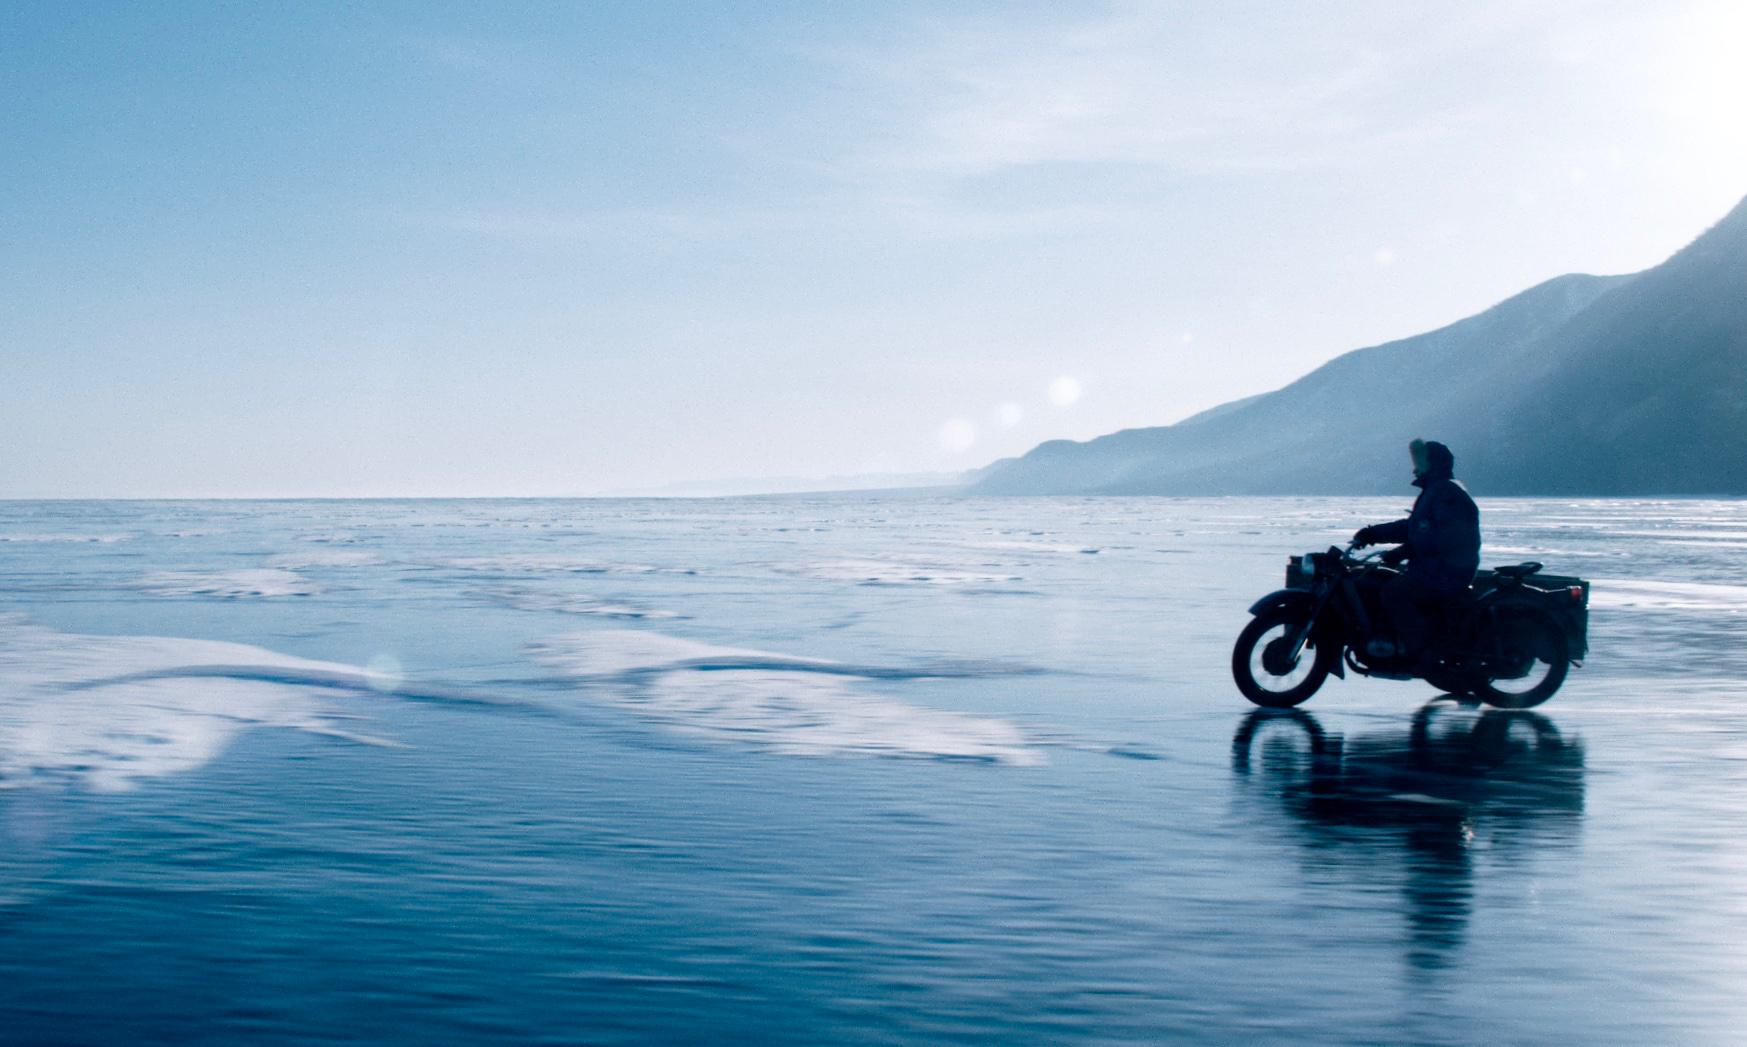 La ville la plus proche est à des jours de moto sur le lac gelé